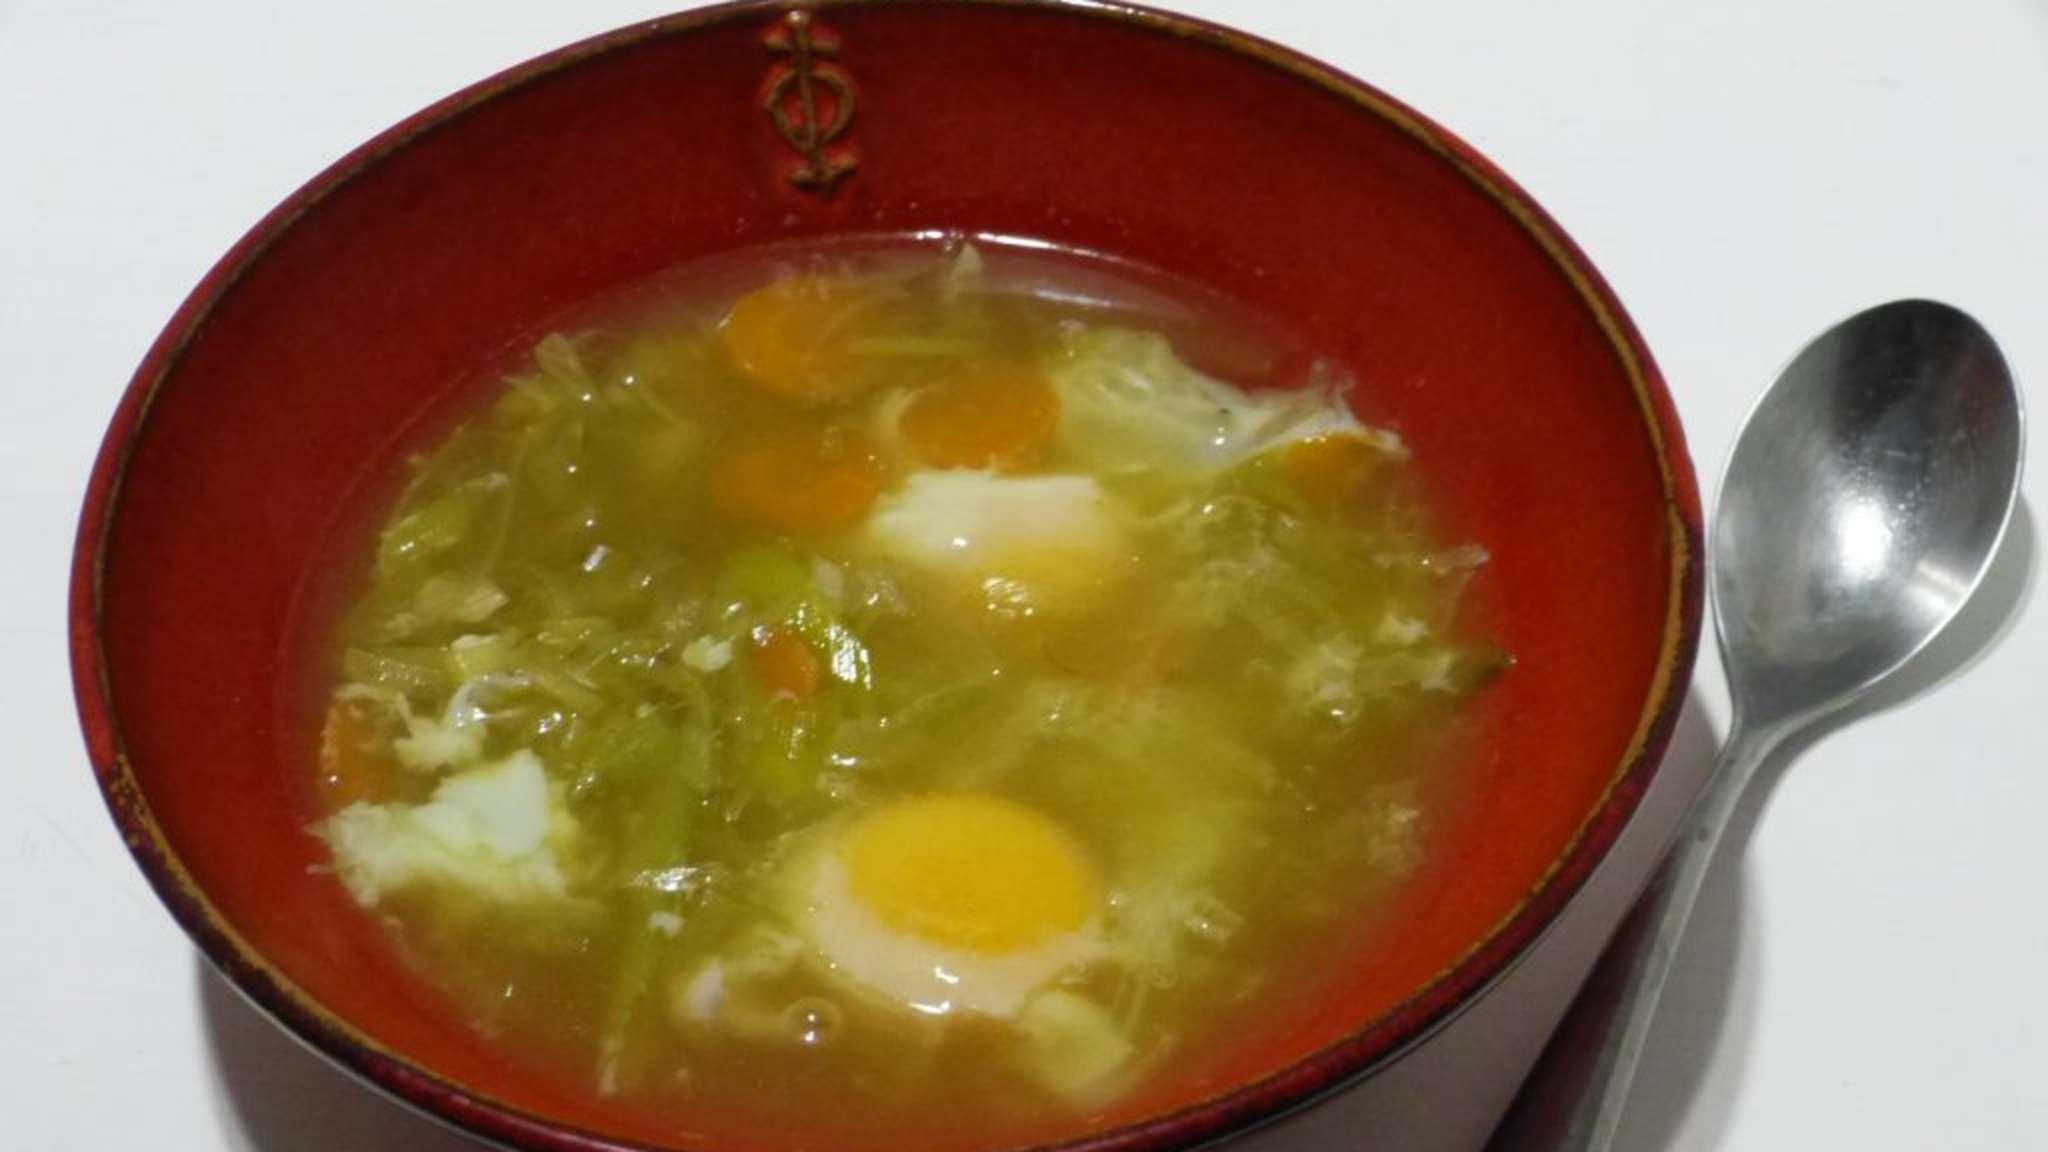 Soupe aux oeufs mollets, poireaux et safran